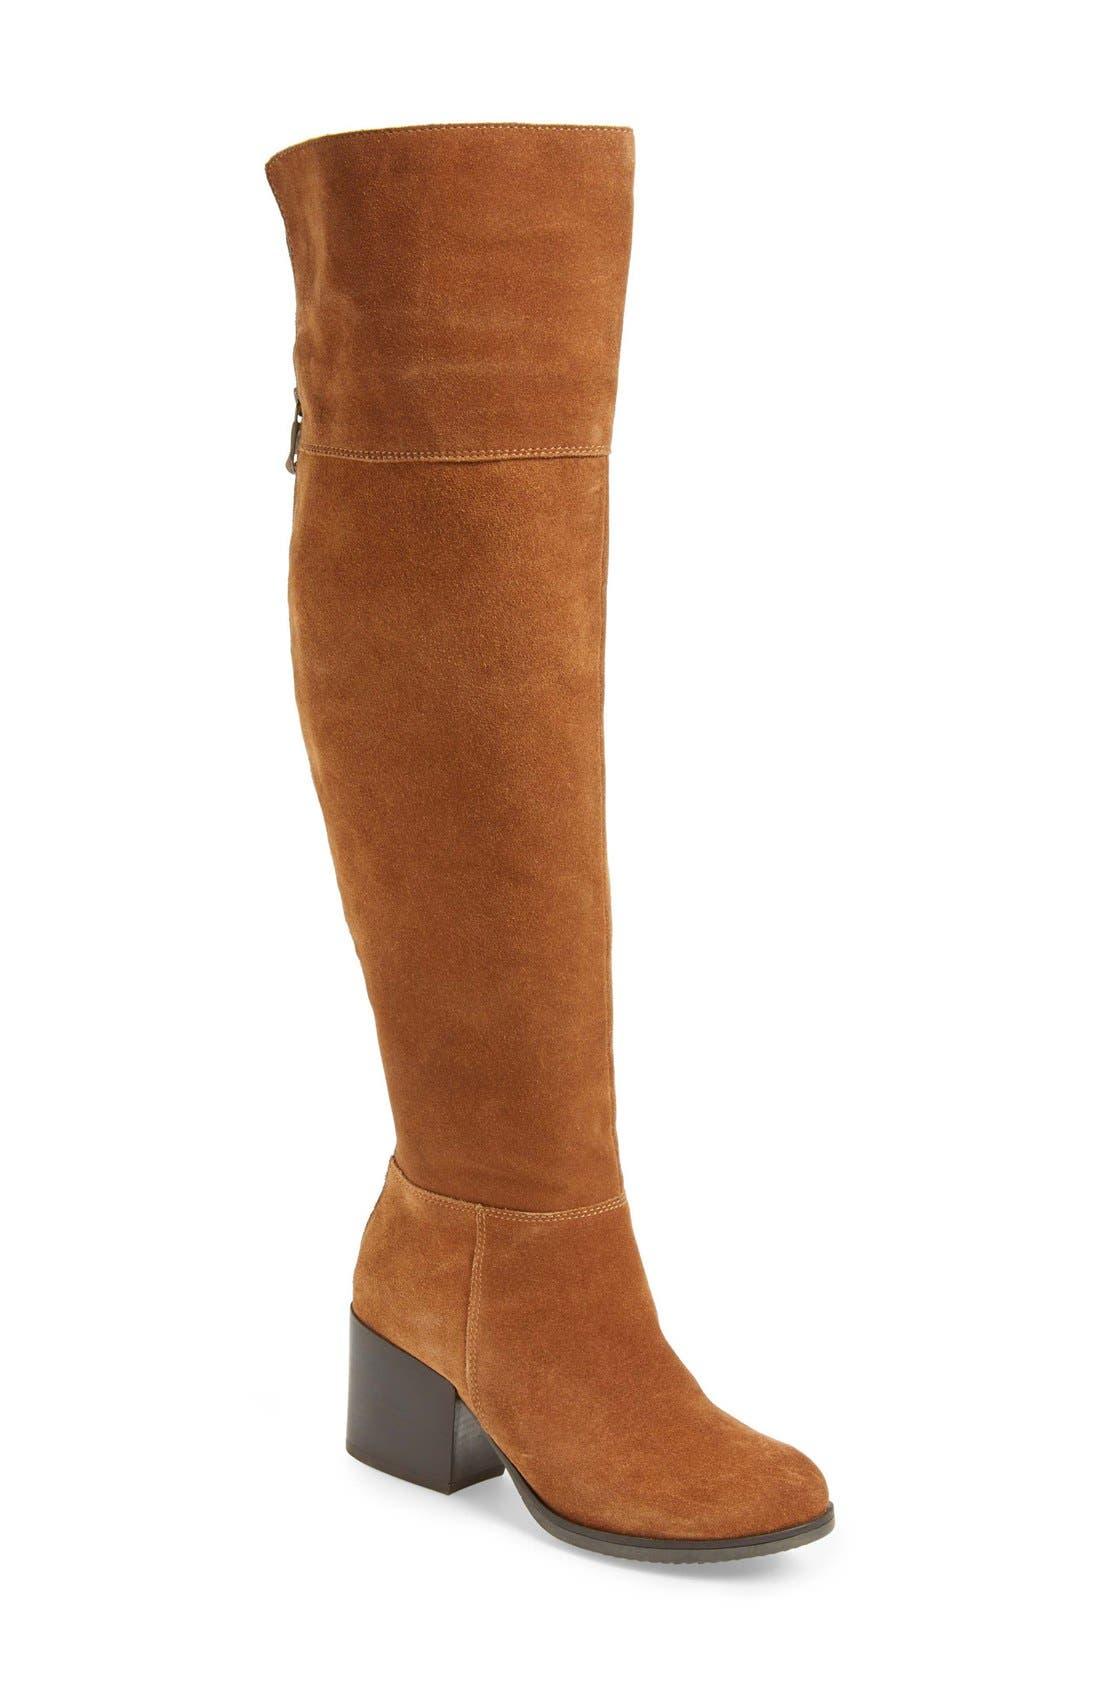 Alternate Image 1 Selected - Steve Madden 'Orabela' Knee High Boot (Women)